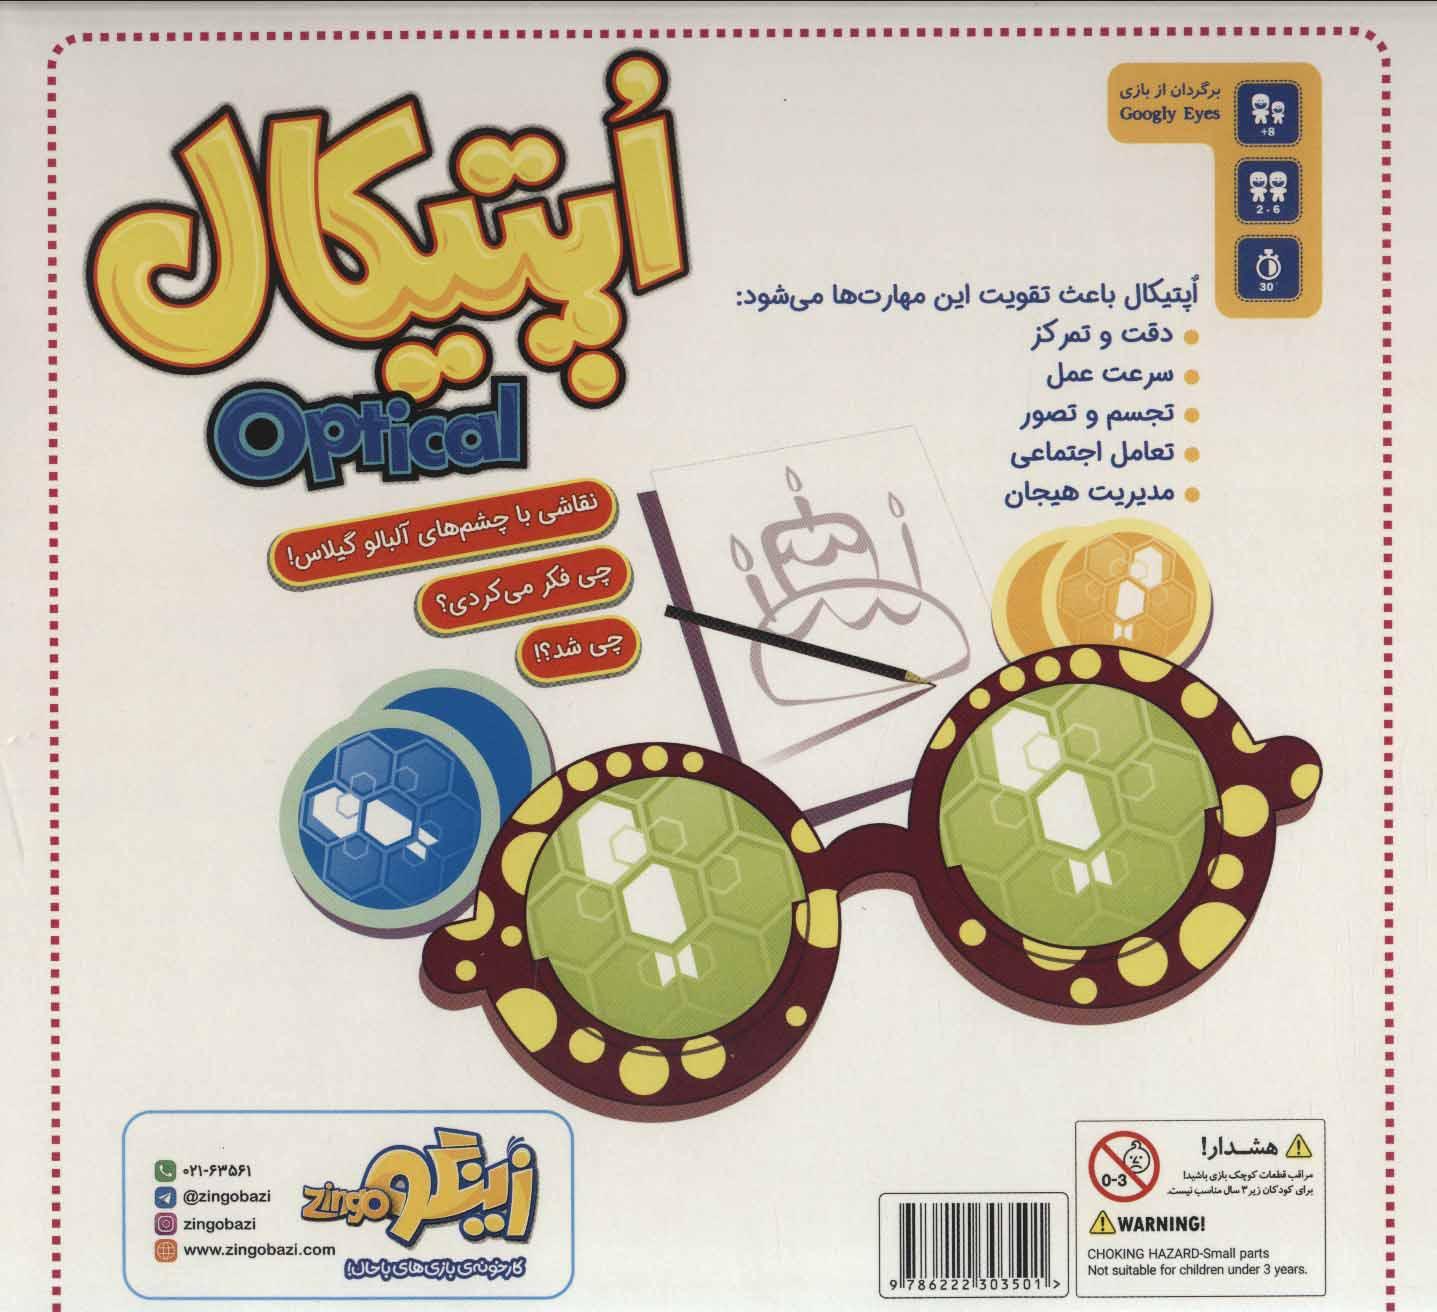 بسته بازی اپتیکال (نقاشی با چشم های آلبالو گیلاس!چی فکر می کردی؟چی شد؟!)،(باجعبه)